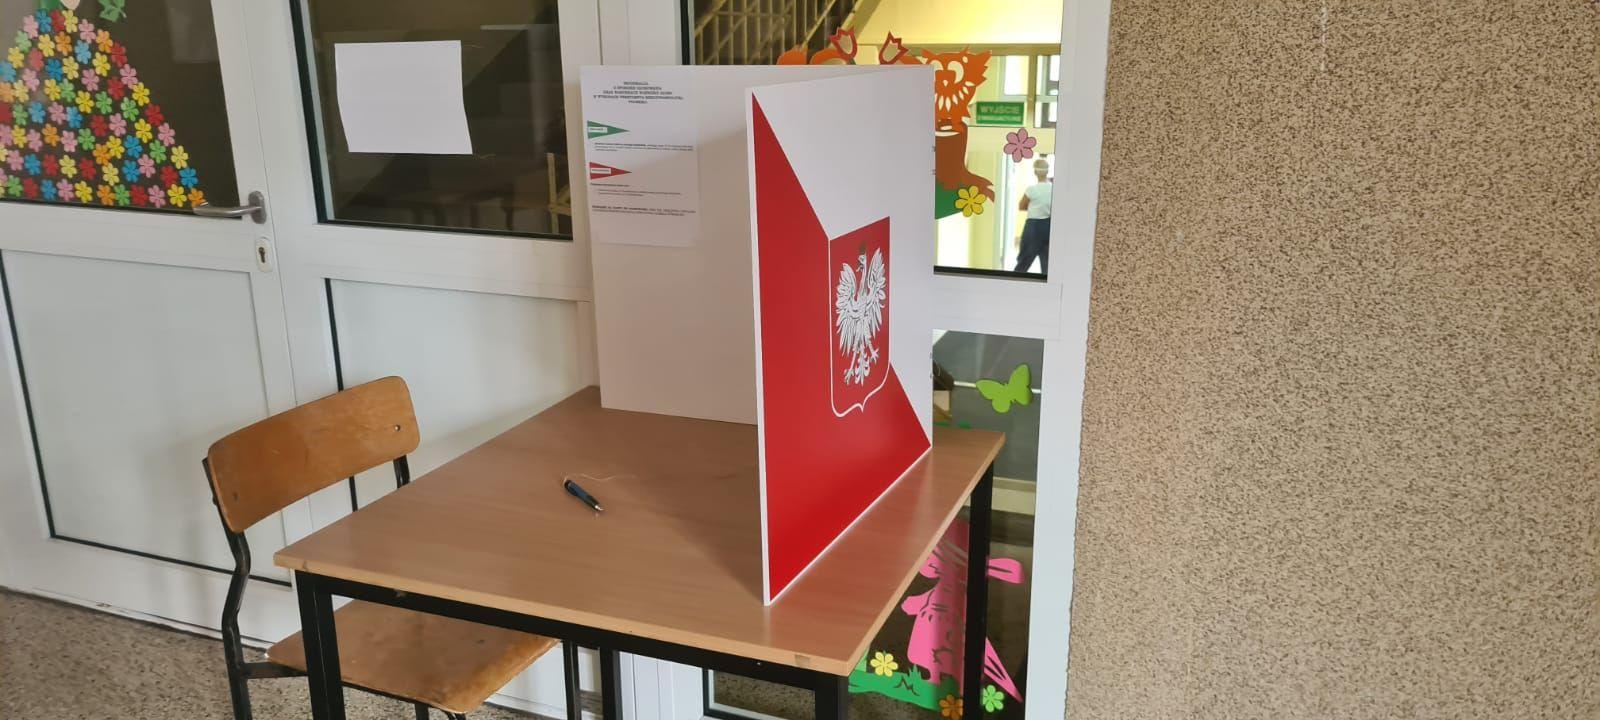 Jaka frekwencja w II turze wyborów? Mamy dane z gmin [AKTUALIZACJA]